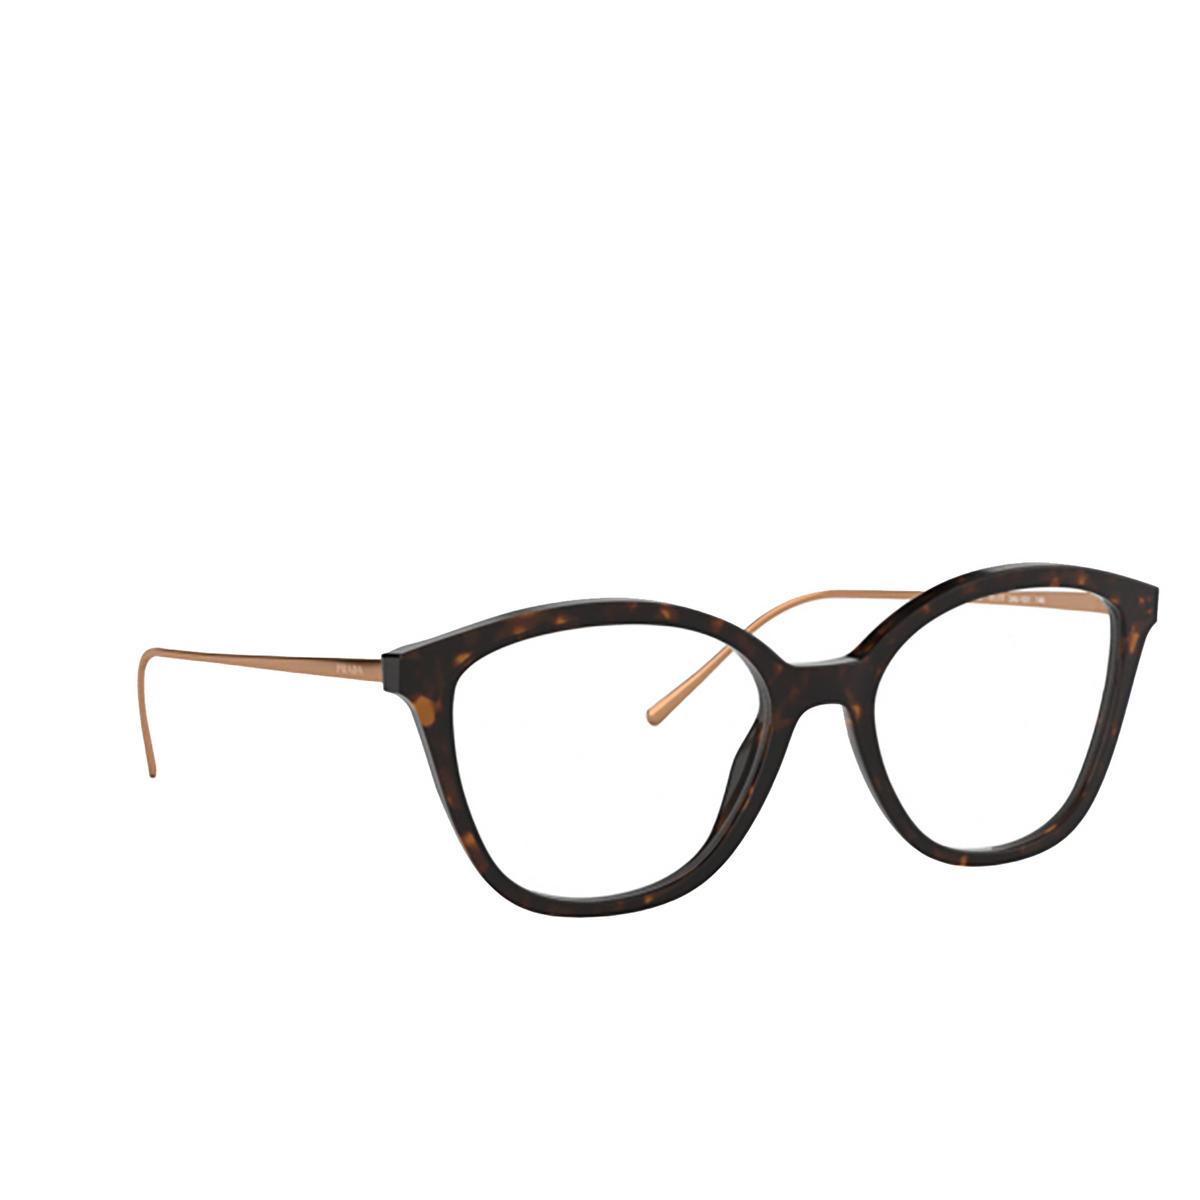 Prada® Square Eyeglasses: PR 11VV color Havana 2AU1O1 - three-quarters view.